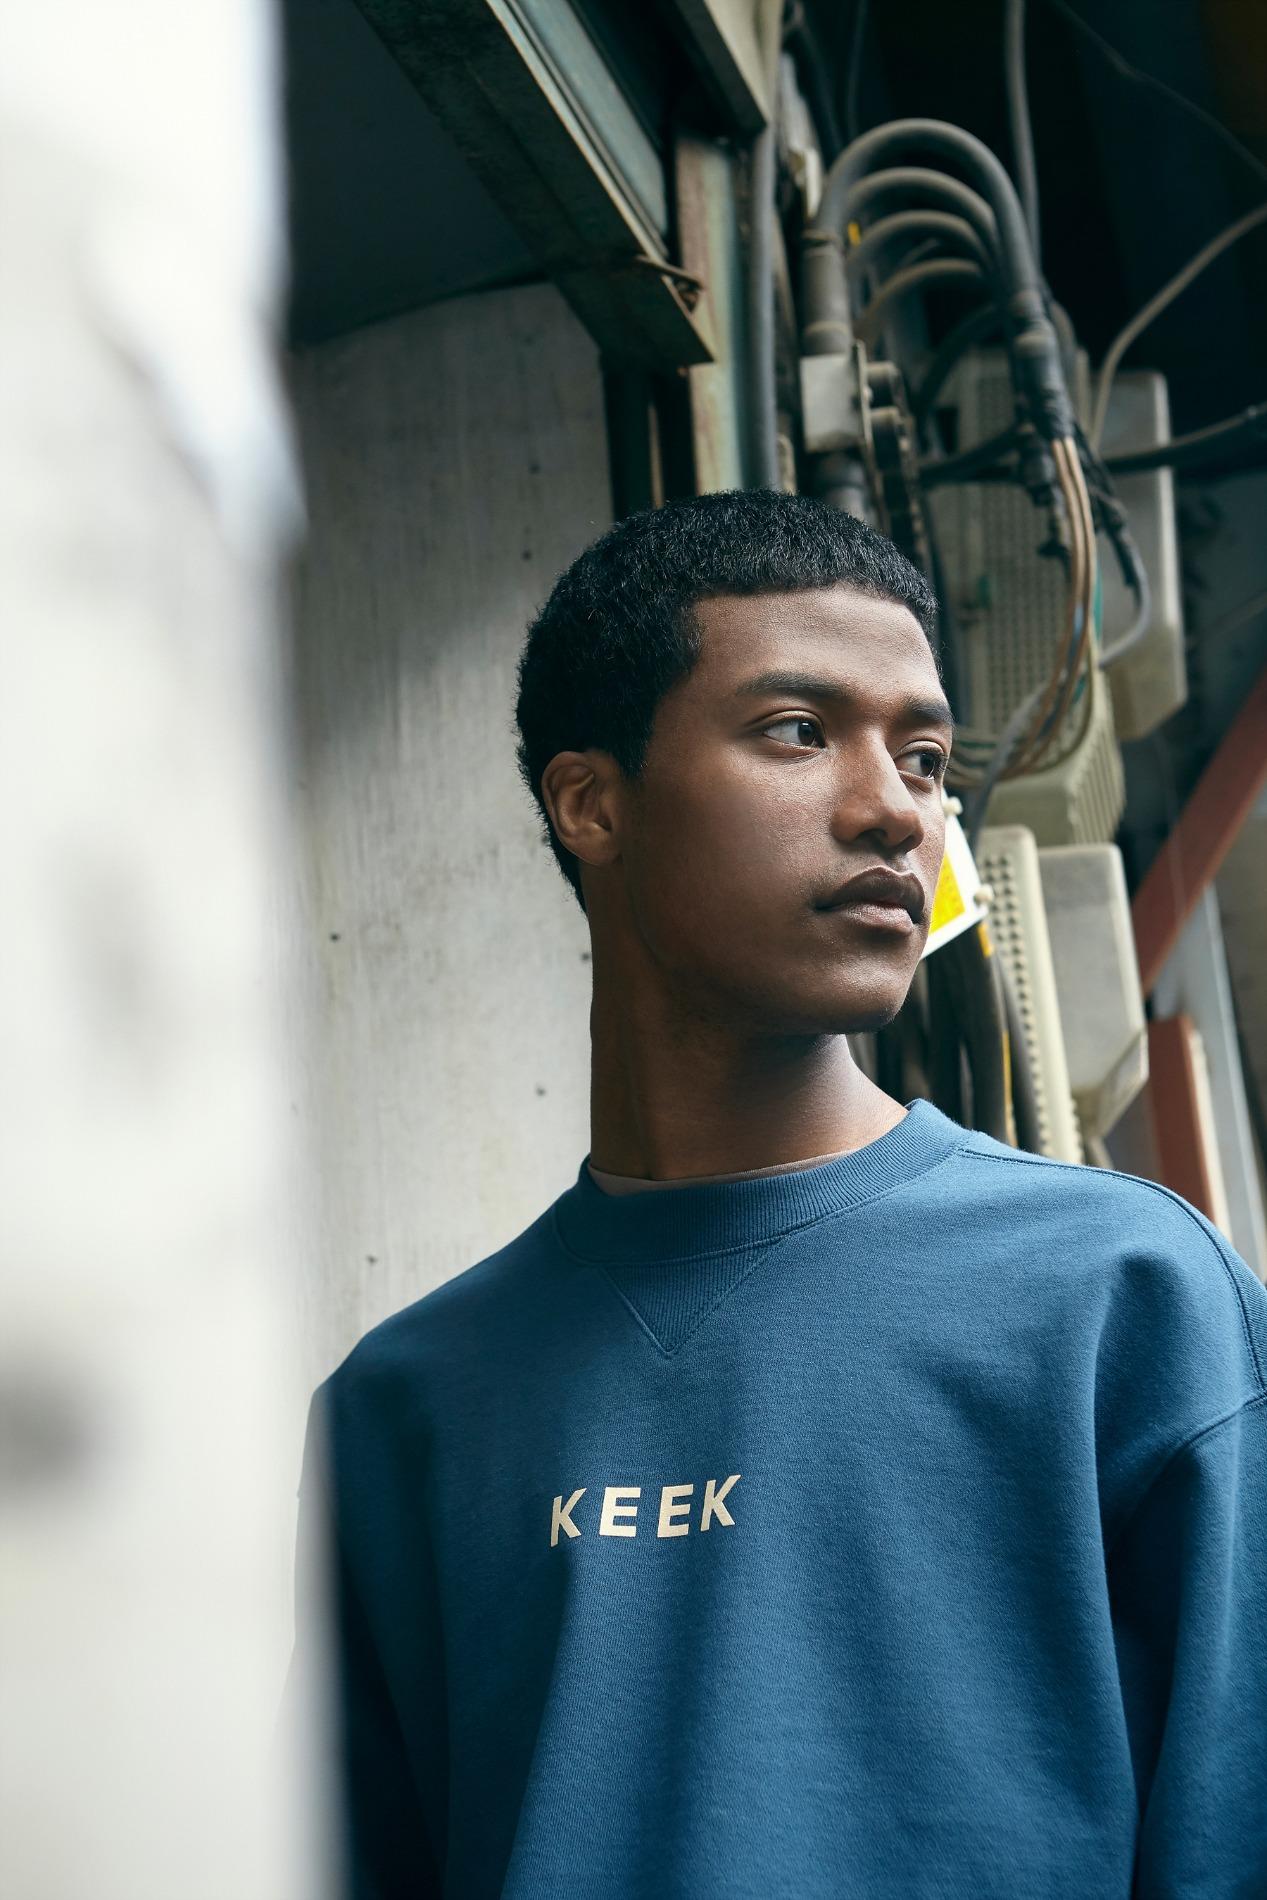 keek keek 2019 SS Lookbook 11 스트릿패션 유니섹스브랜드 커플시밀러룩 남자쇼핑몰 여성의류쇼핑몰 후드티 힙색